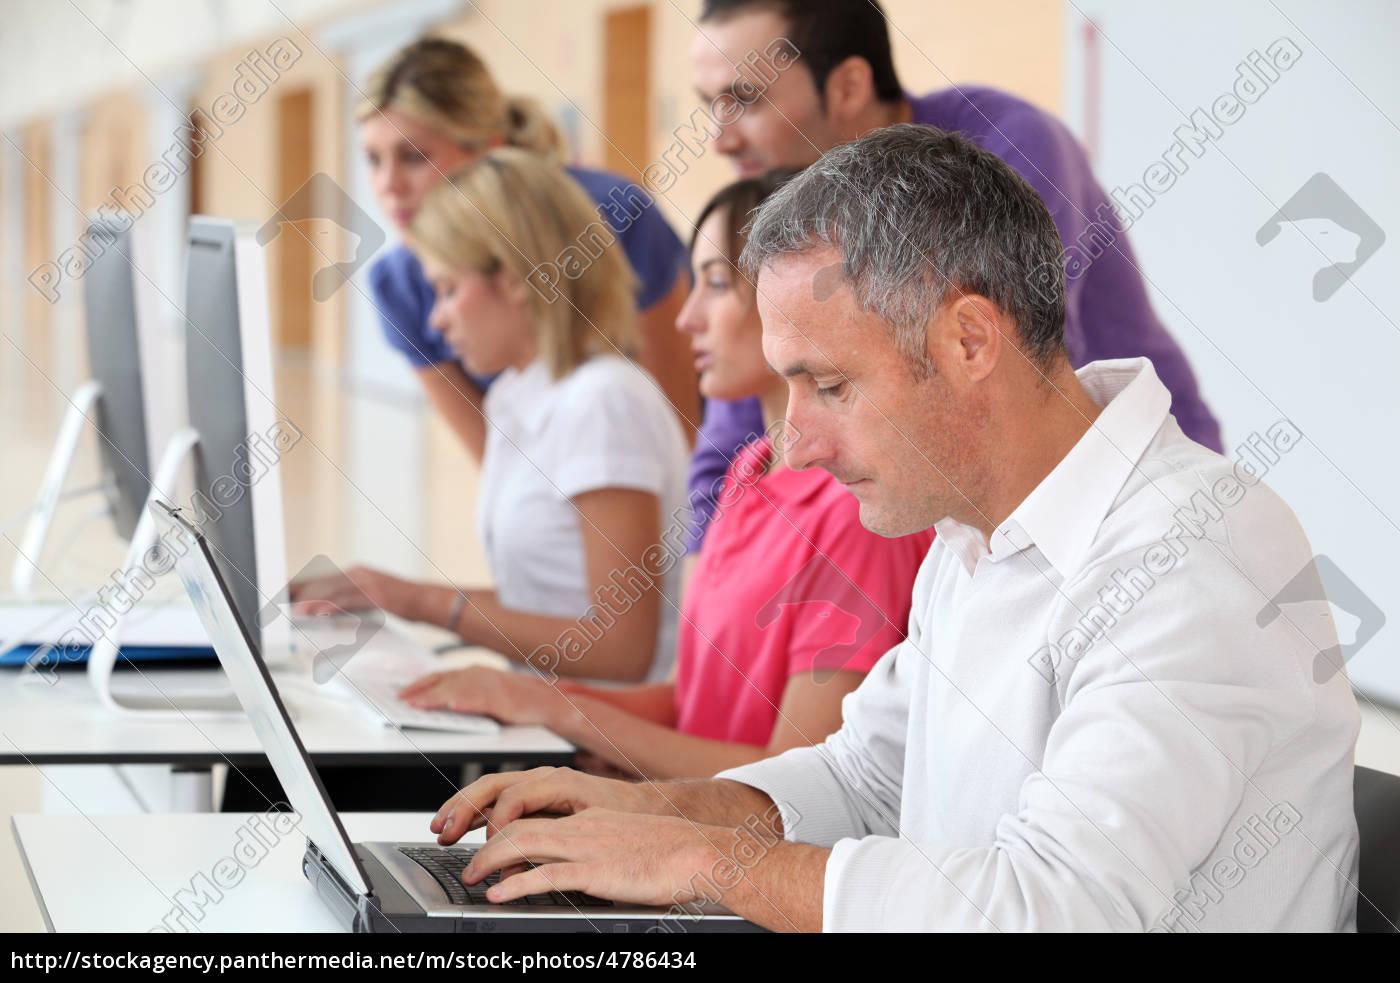 erwachsener, mann, der, die, teilnahme, an, business-training - 4786434